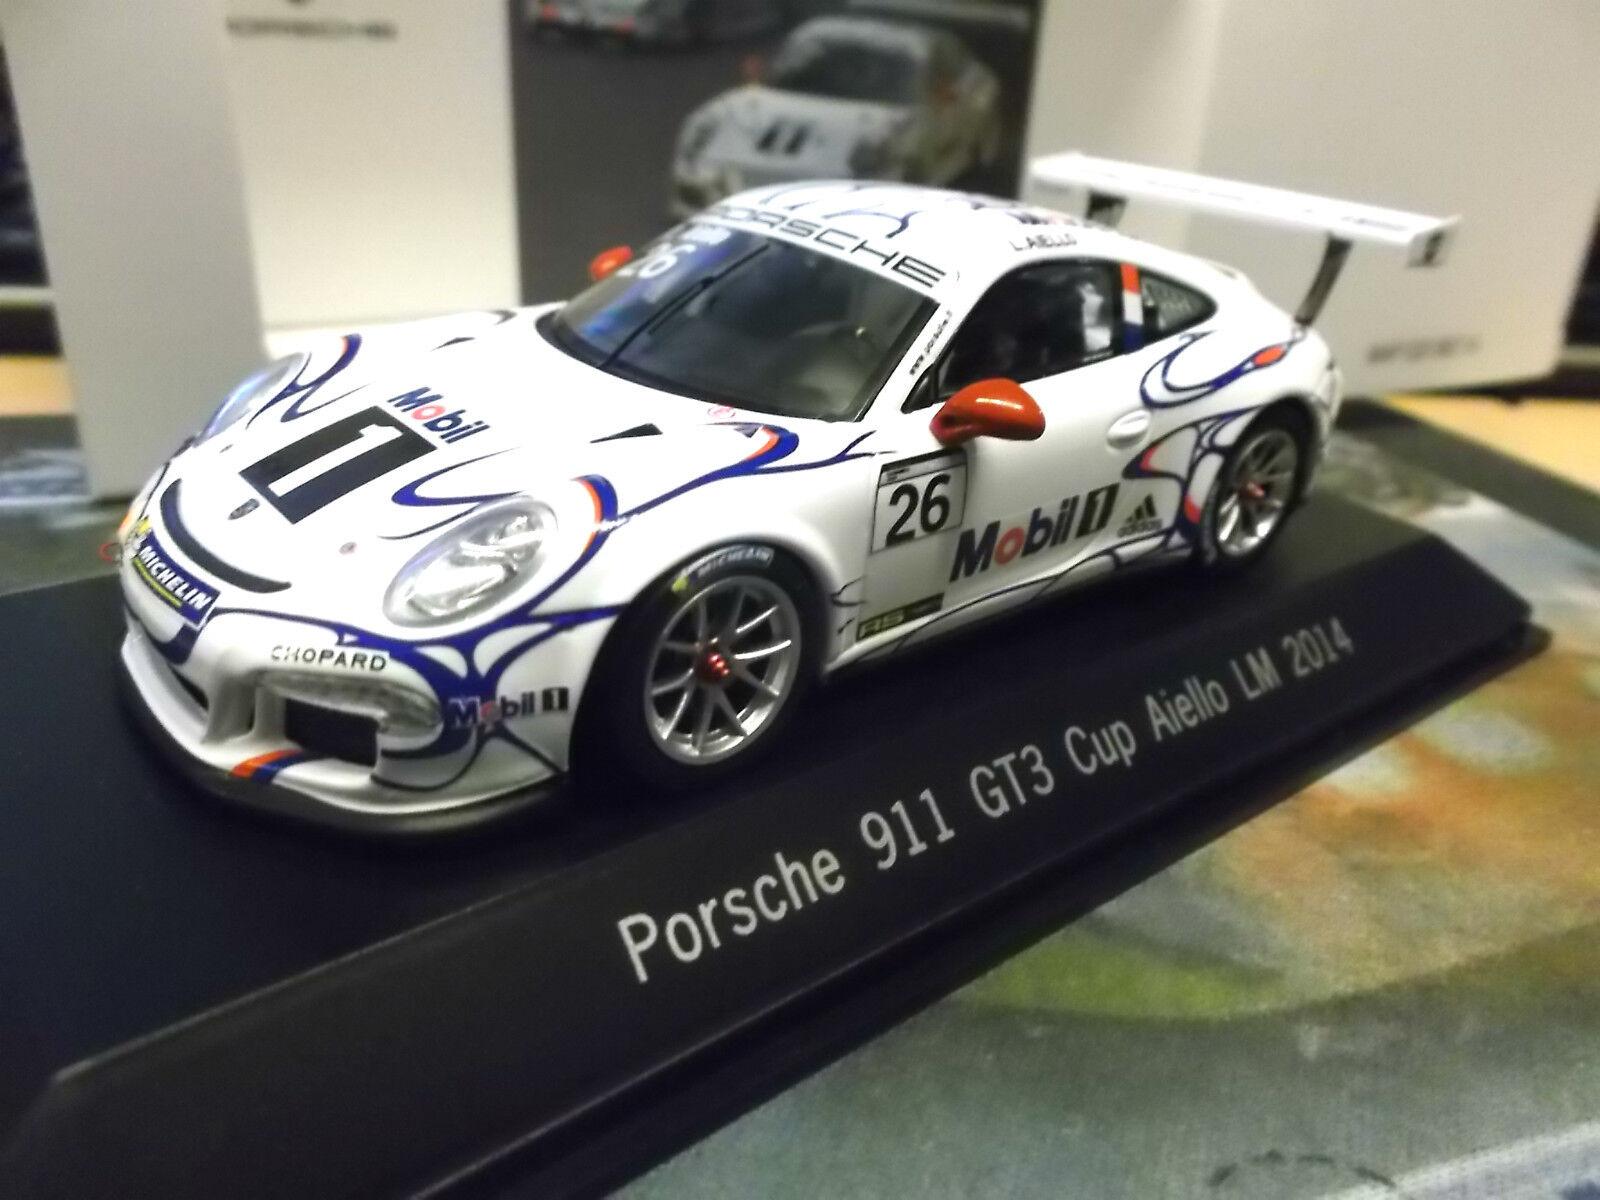 Porsche 911 991 gt3 CUP LE MANS 2014 #26 Aiello mobile 1 Adidas réserve spark 1:43 | Supérieurs Performances  | Digne  | Authentique  | Techniques Modernes